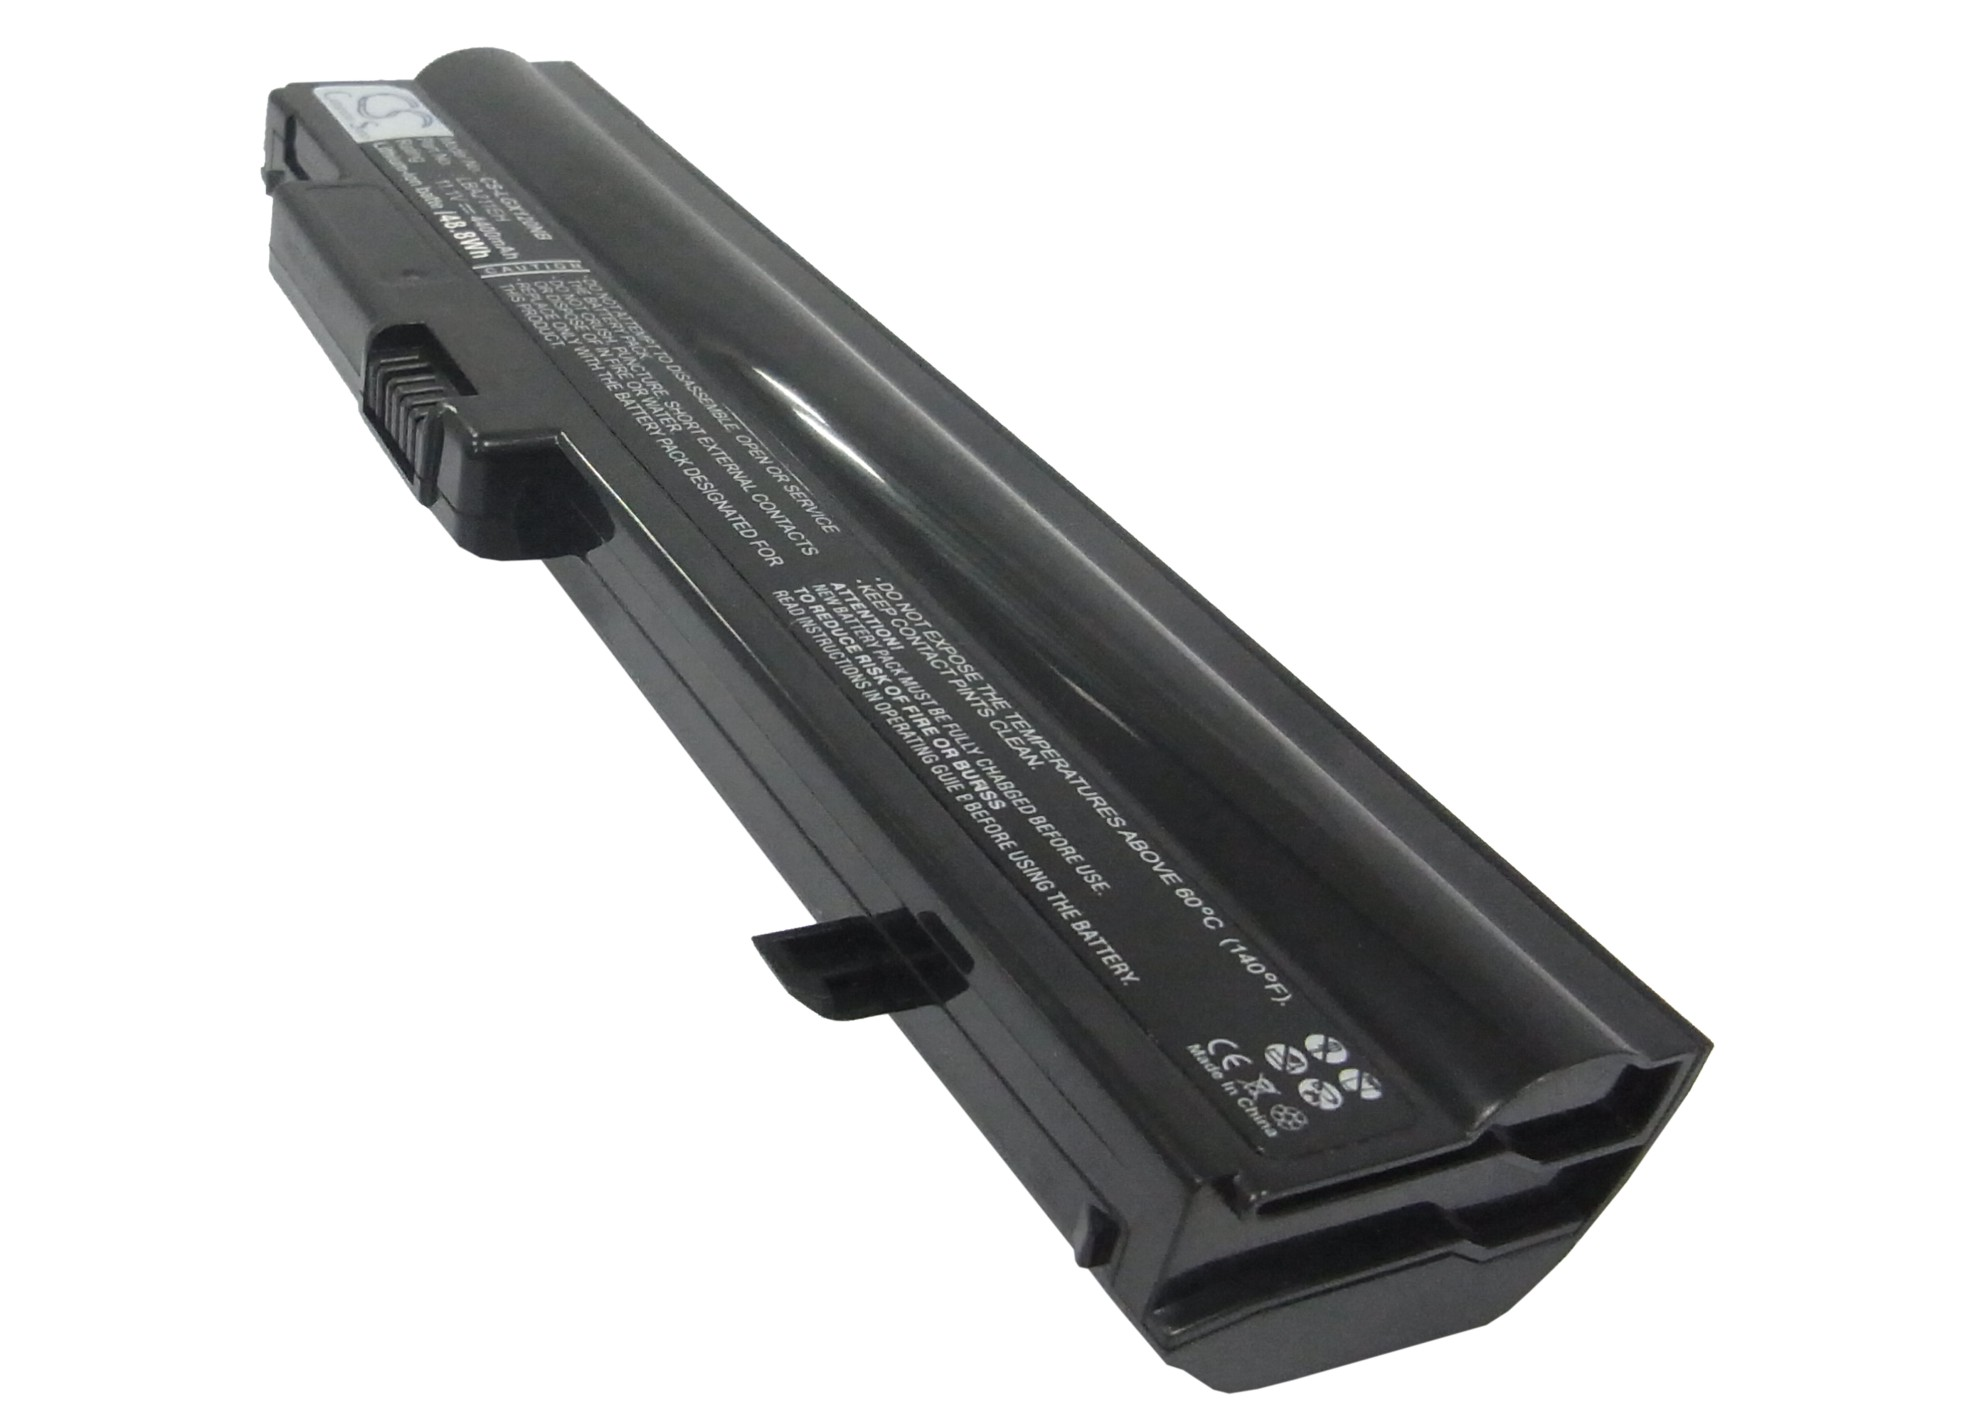 Cameron Sino baterie do netbooků pro LG X120-N 11.1V Li-ion 4400mAh černá - neoriginální